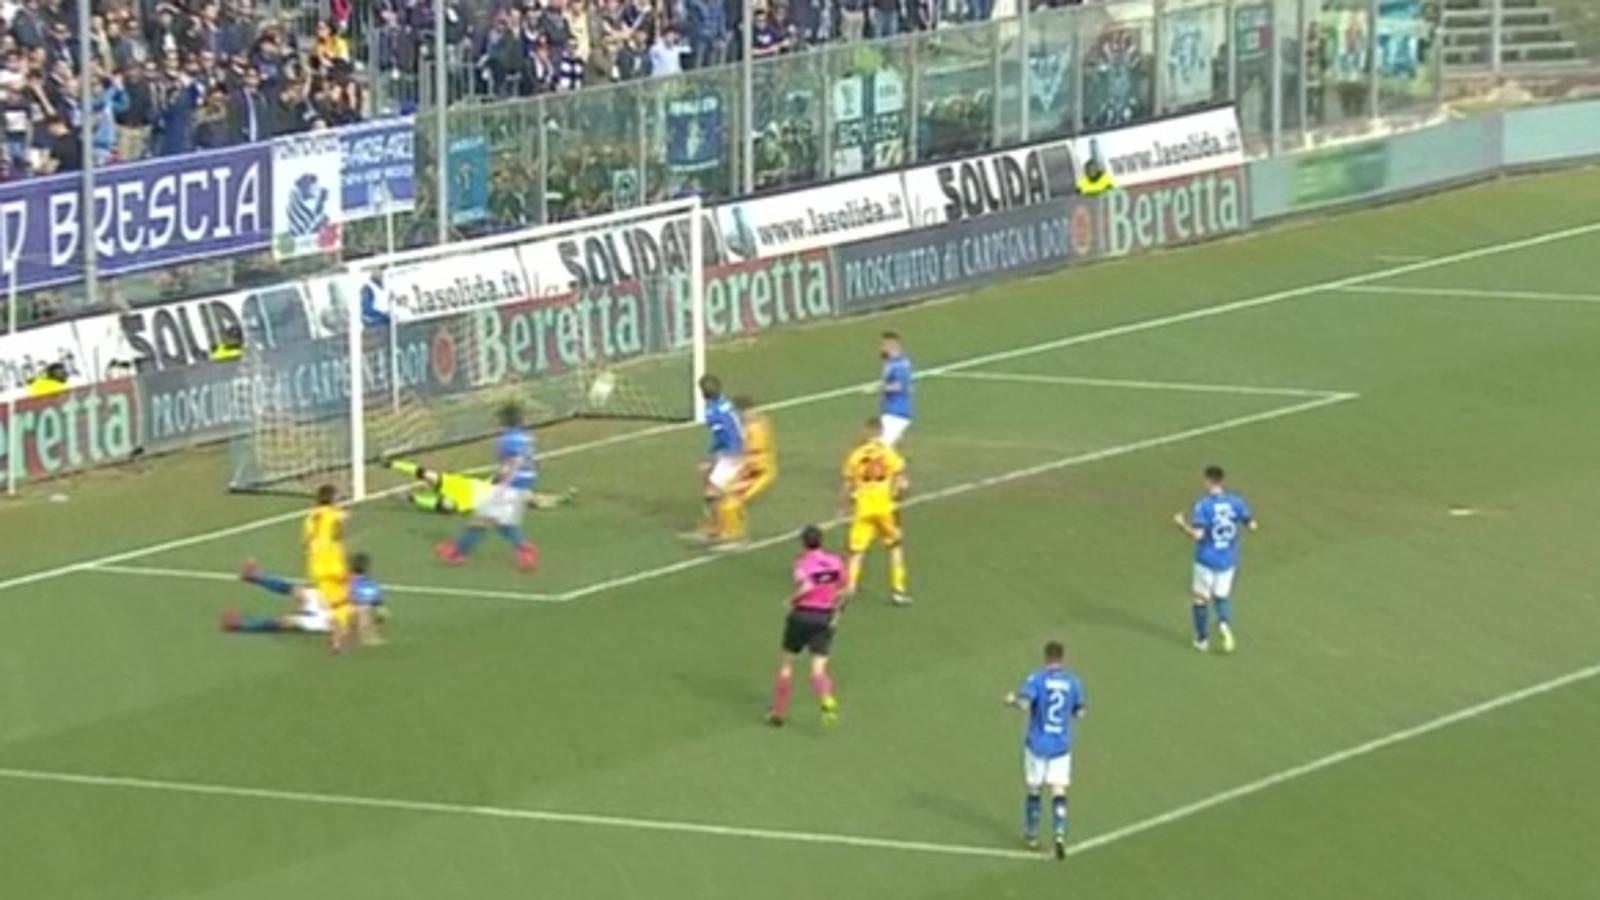 Calcio Serie B - Colpaccio del Cittadella a Brescia - Sport - TGR Veneto